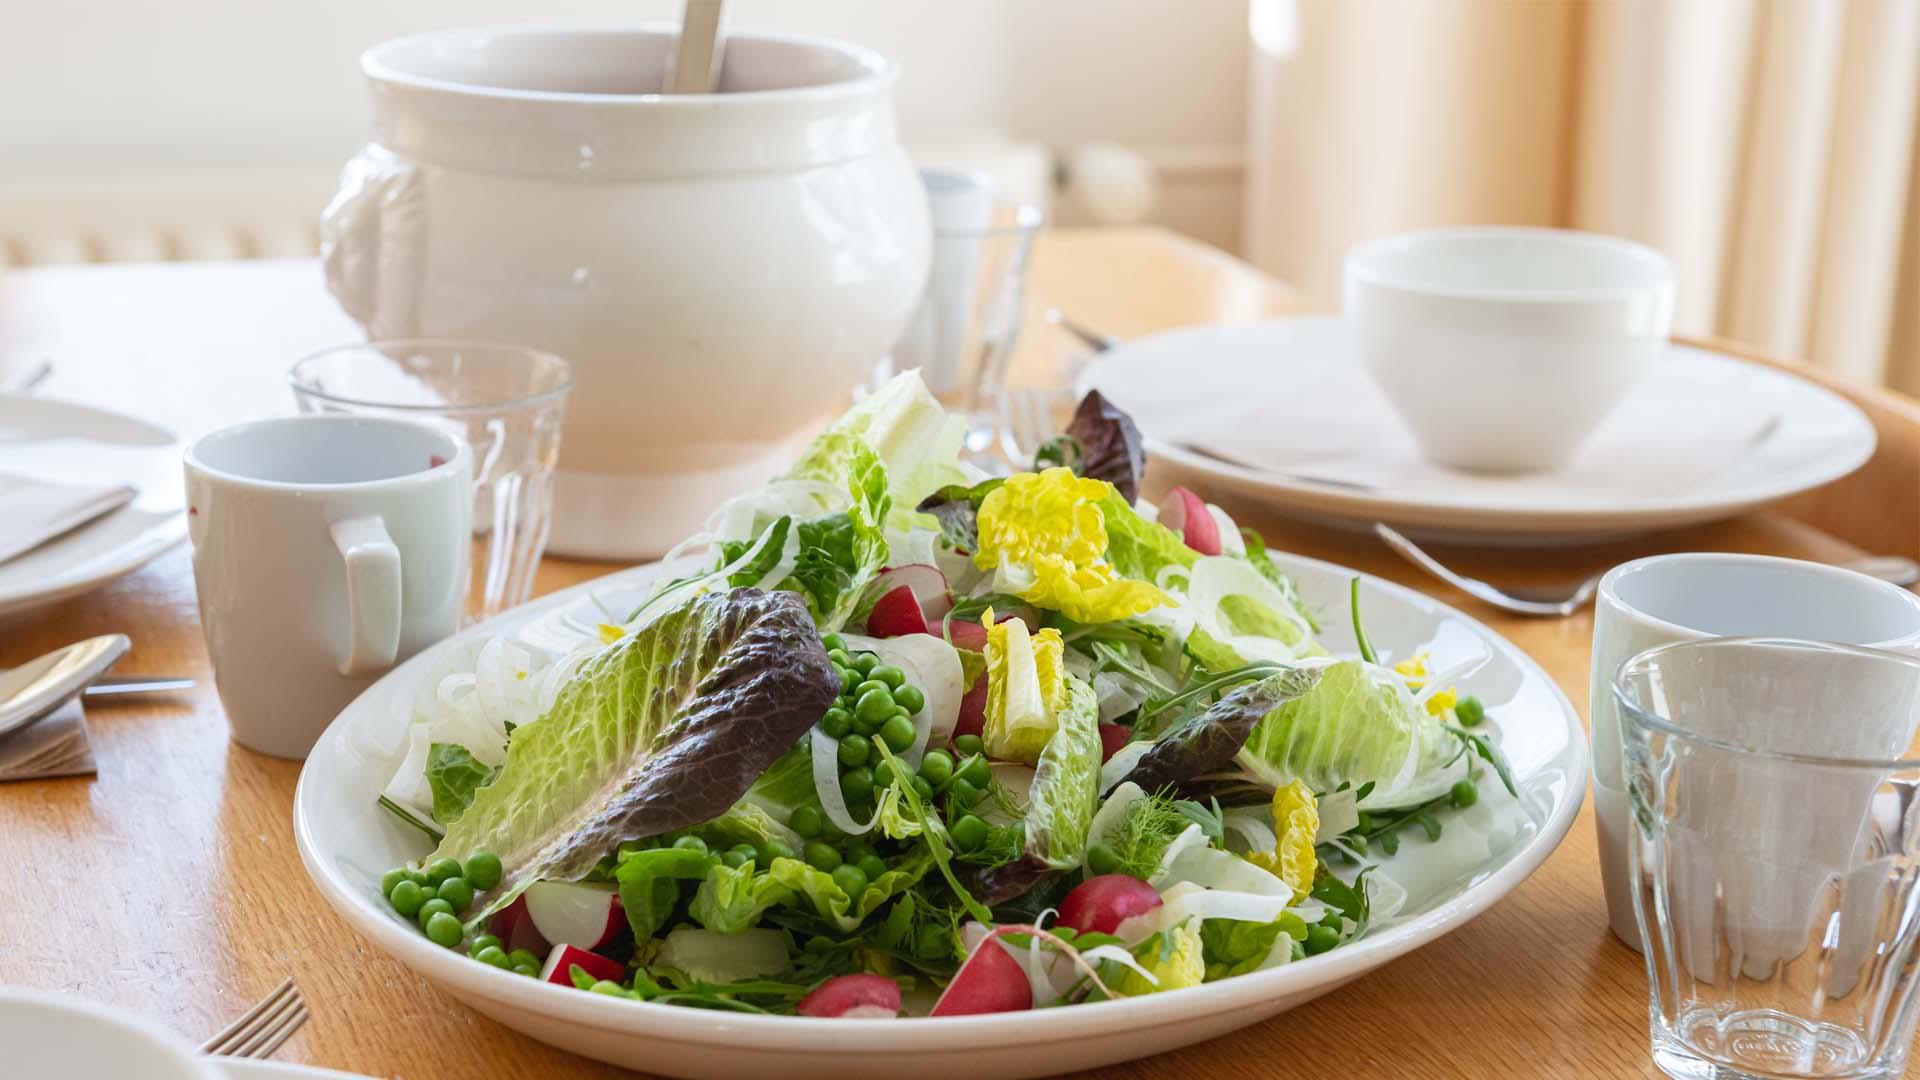 Lunch salade sla doperwt soep uitschenken tafel